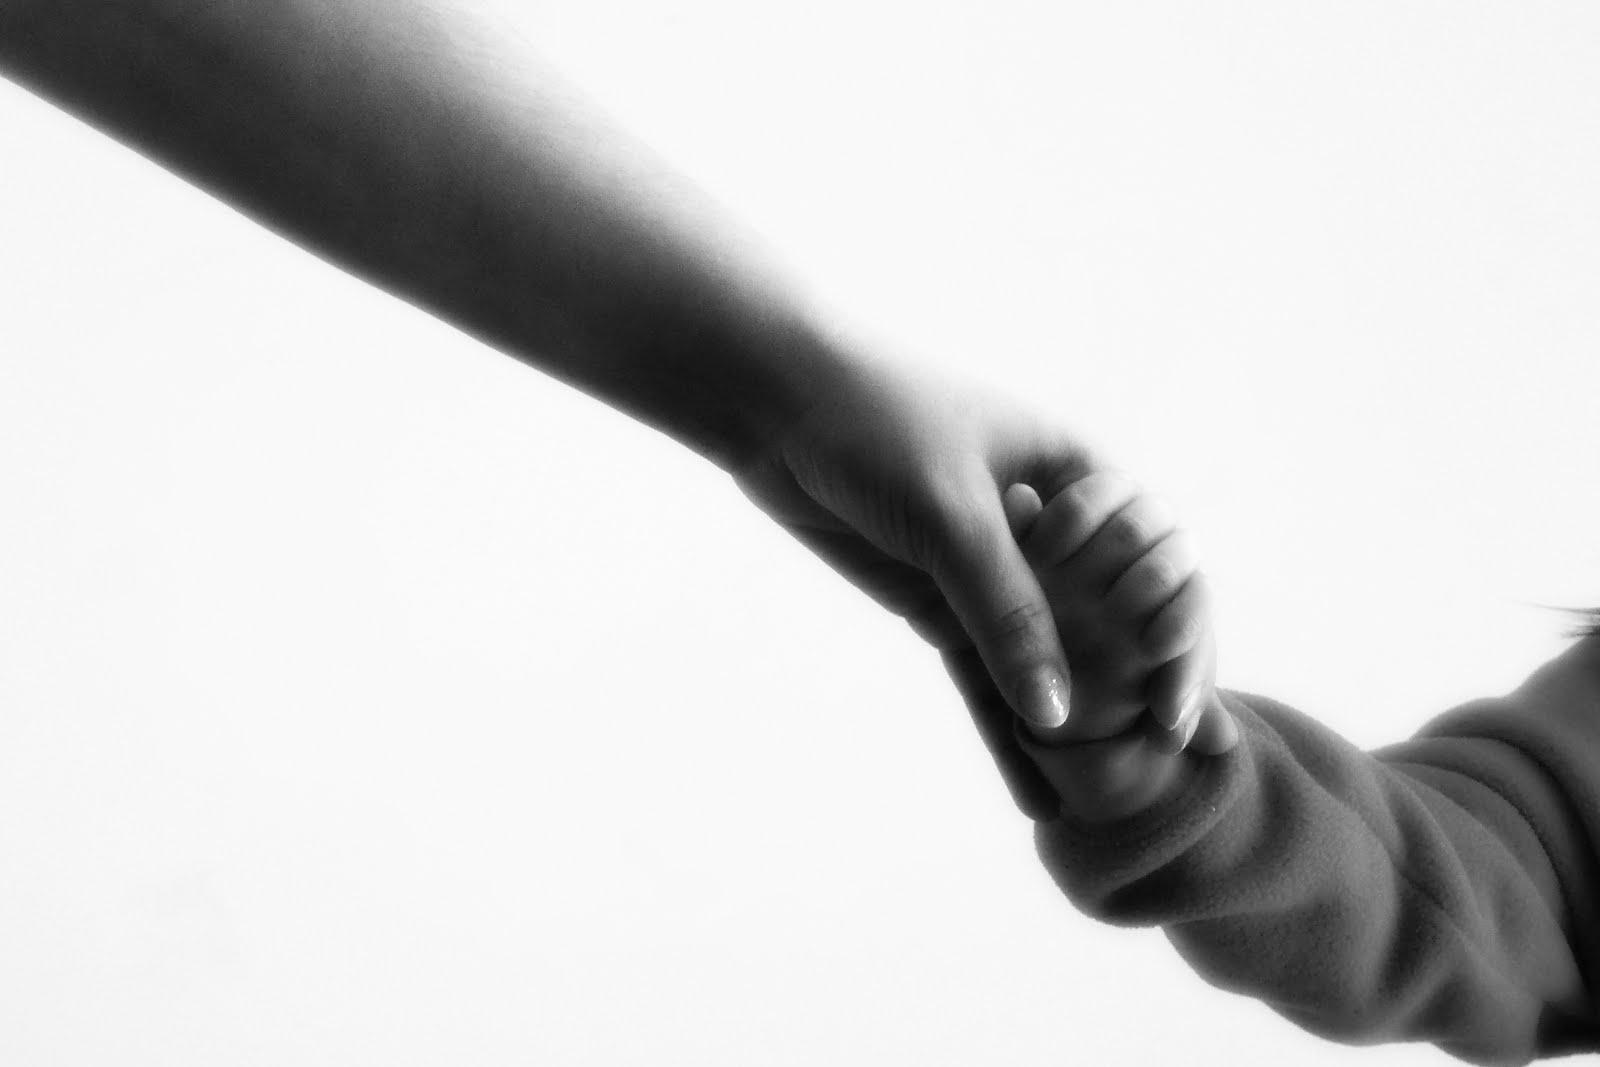 Mẹ có dám buông tay để con khôn lớn?